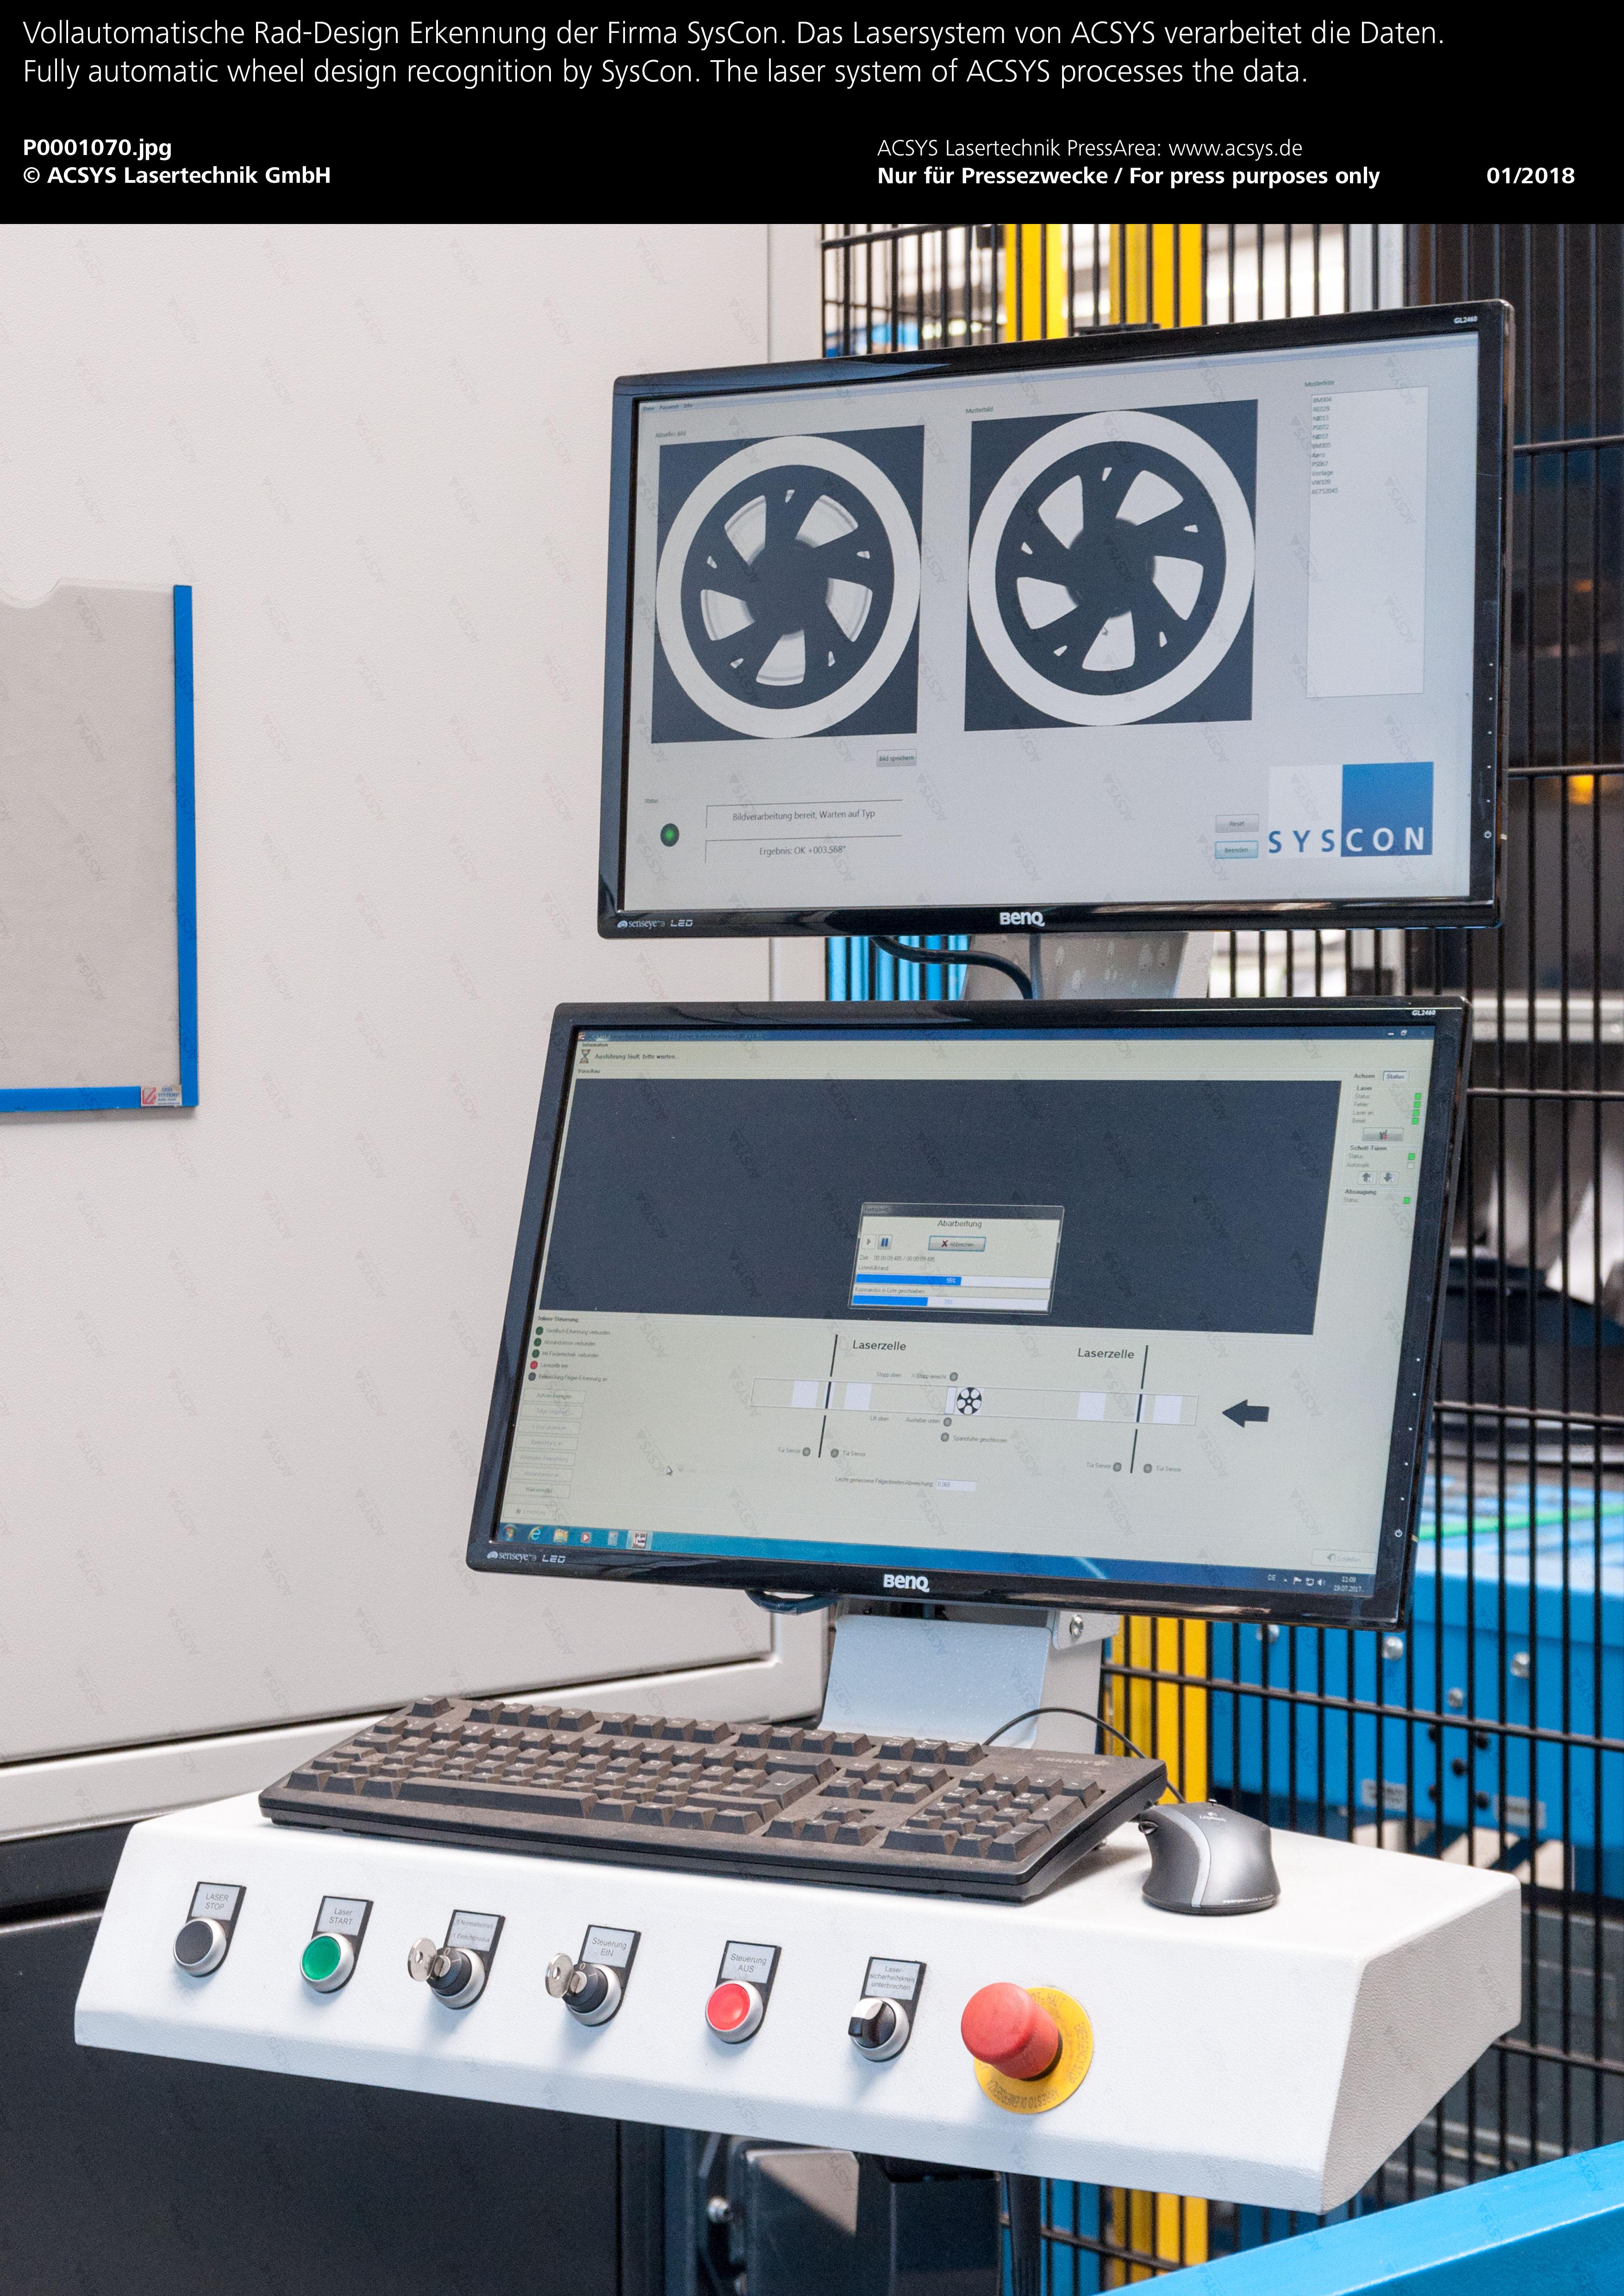 Vollautomatische Rad-Design Erkennung der Firma SysCon. Das Lasersystem von ACSYS verarbeitet die Daten.